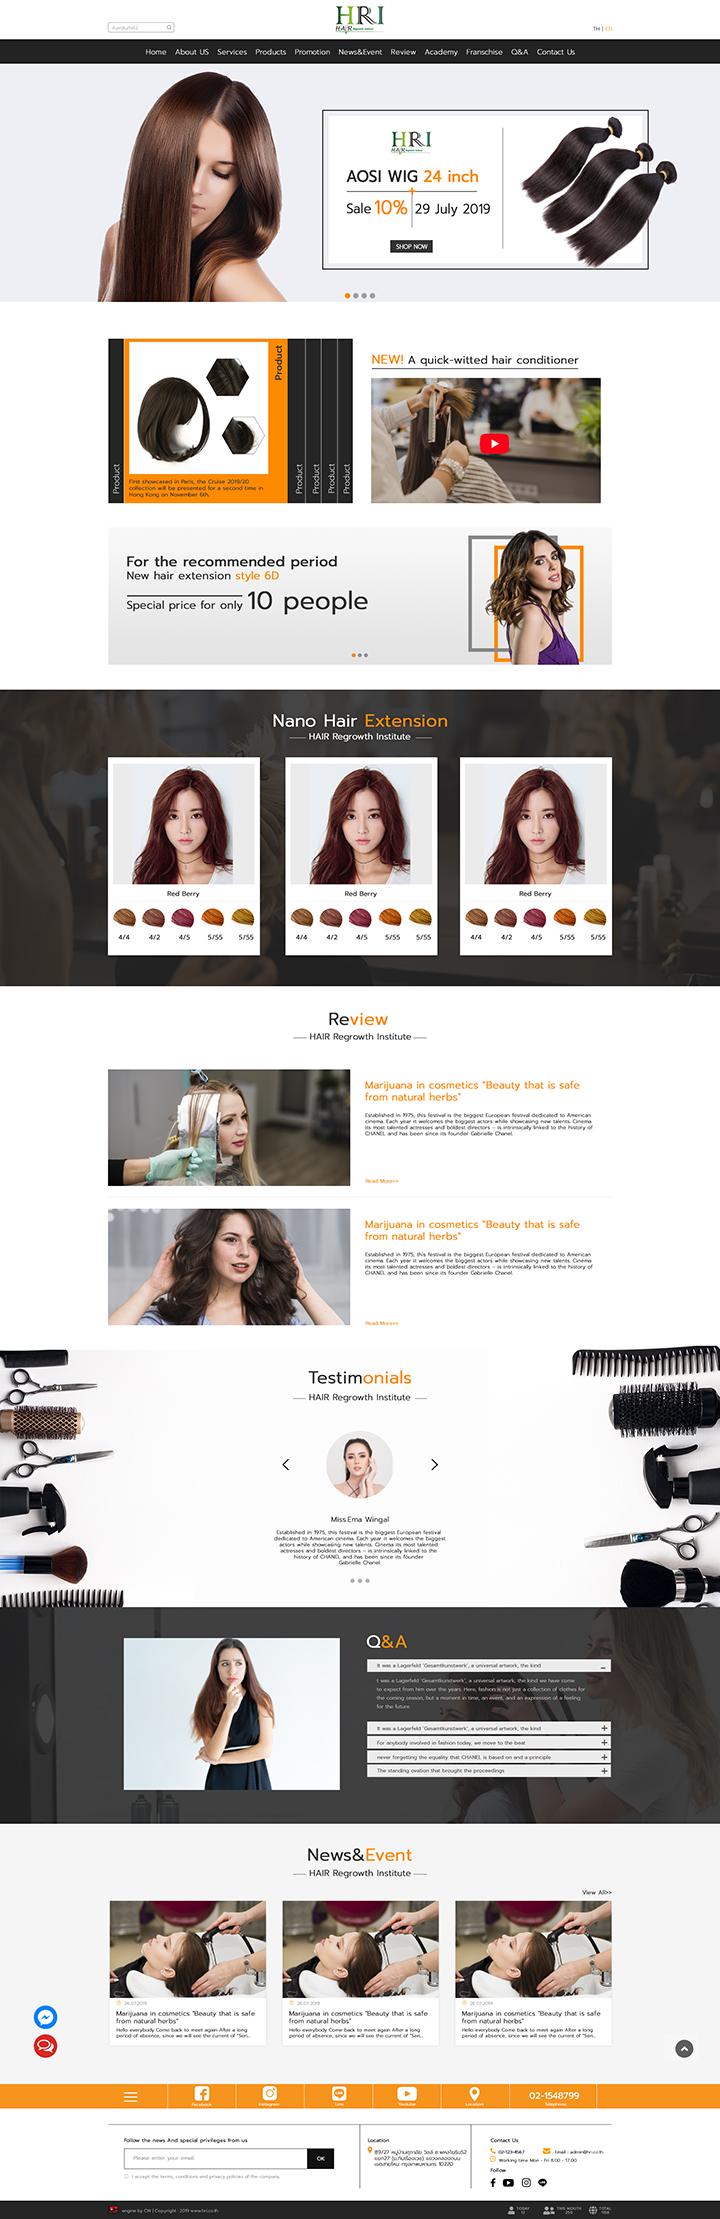 รับทำSEOเว็บไซต์ร้านทำผม,รับทำเว็บไซต์ทำสีผม